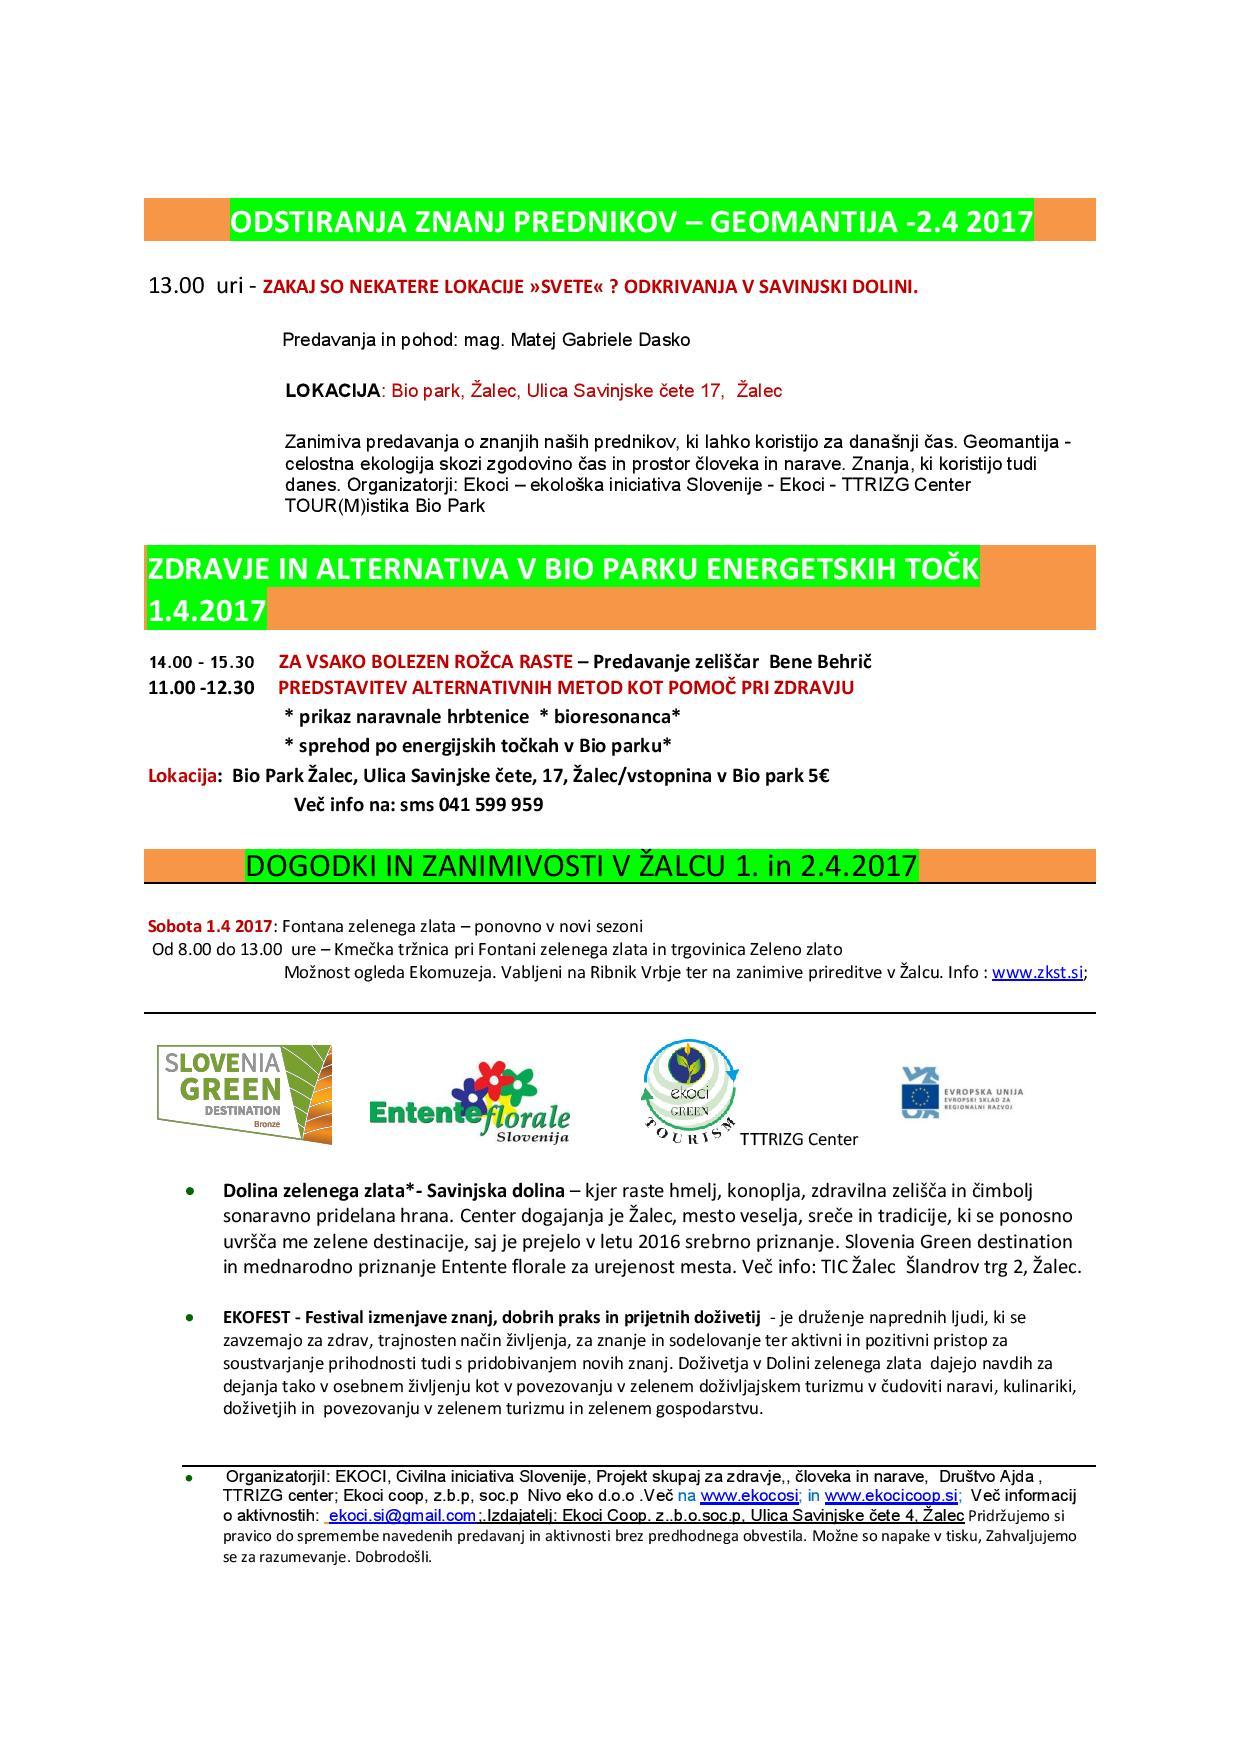 EKOFEST APRIL - v Savinjski dolini - VABILO - Festival izmenjave znanj, dobrih praks in prijetnih doživetij 1 in 2.4. 2017-1-page-002